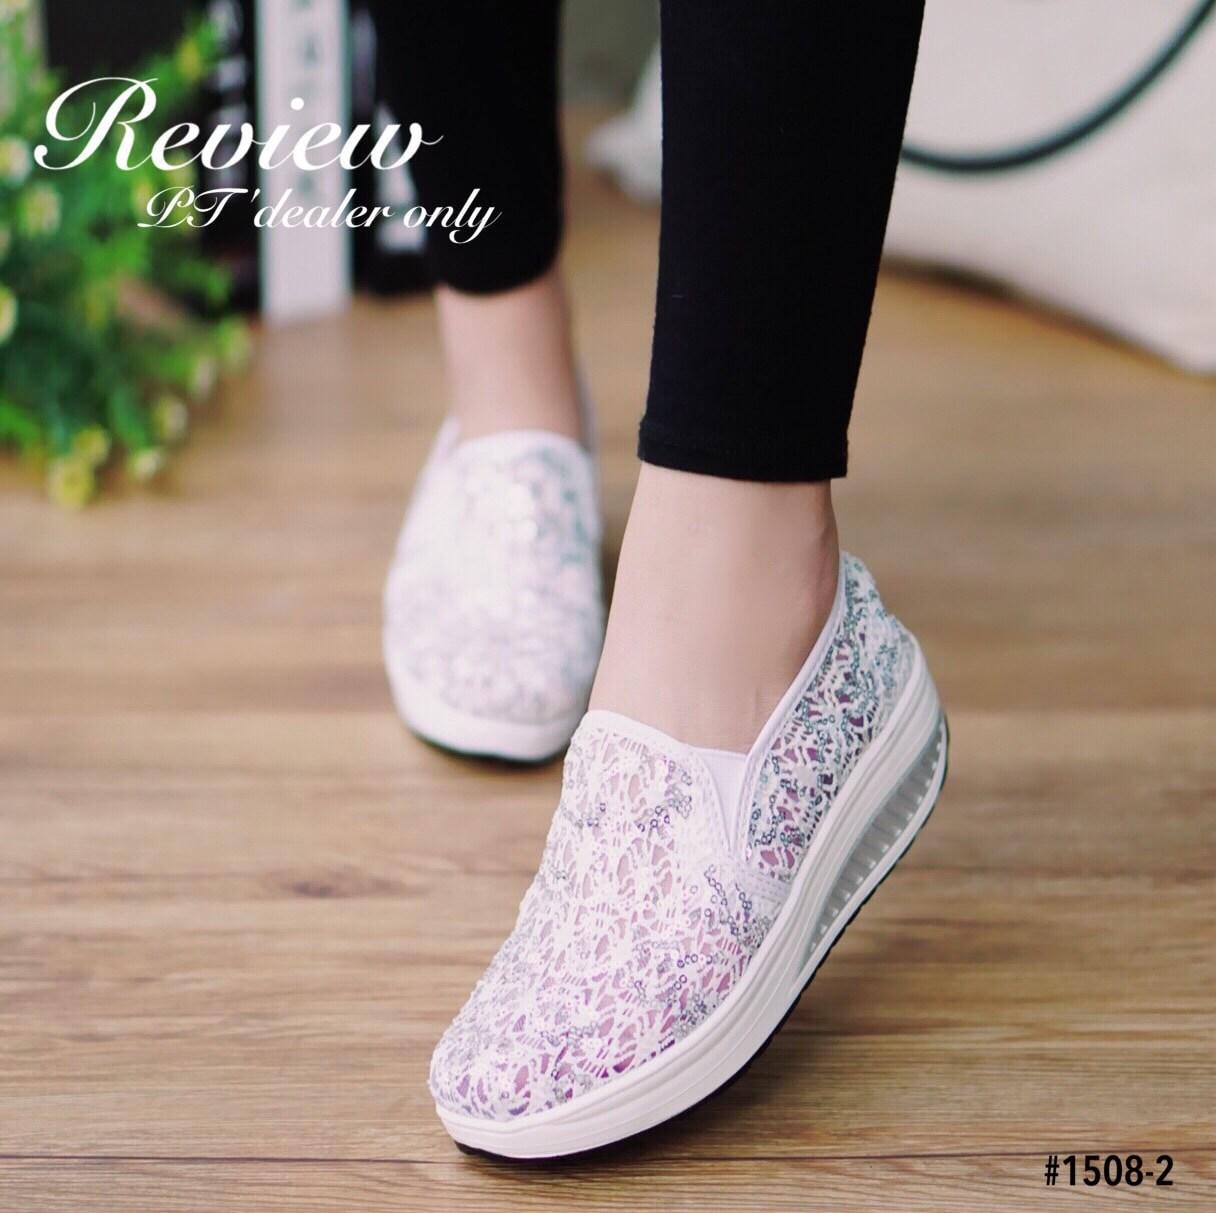 รองเท้าลูกไม้ทรงสปอร์ต (สีขาว)